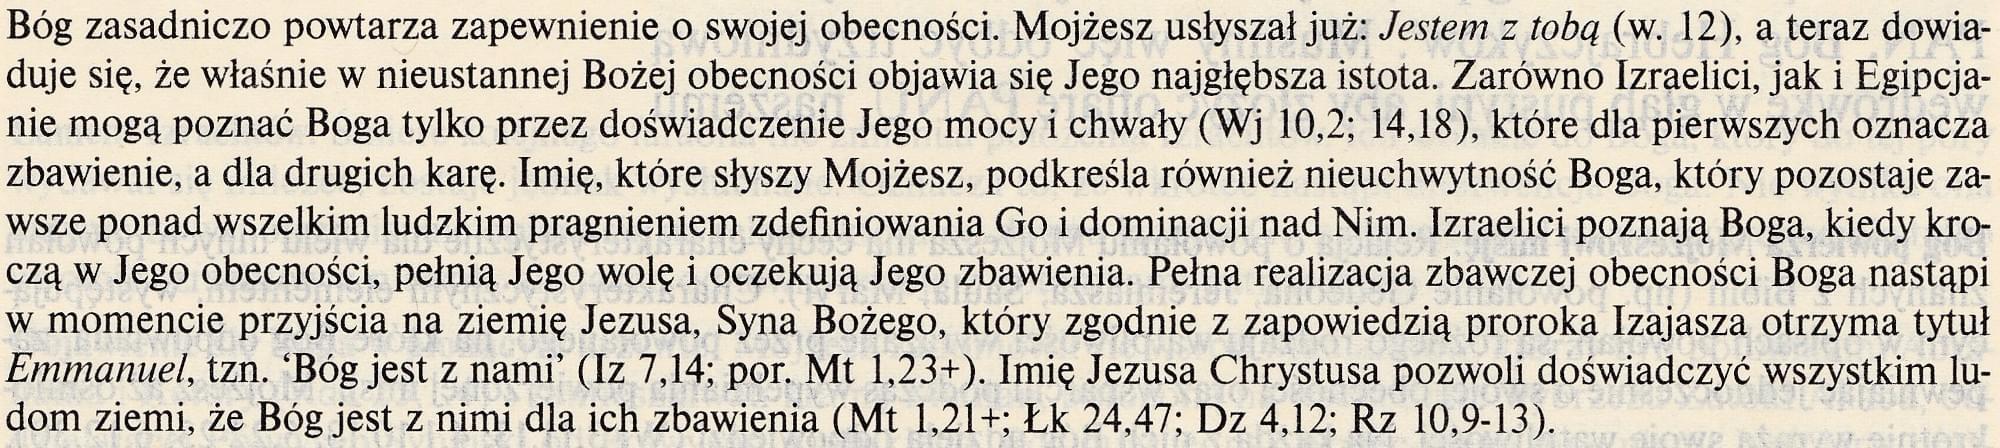 Pismo Święte wyd. św. Pawła